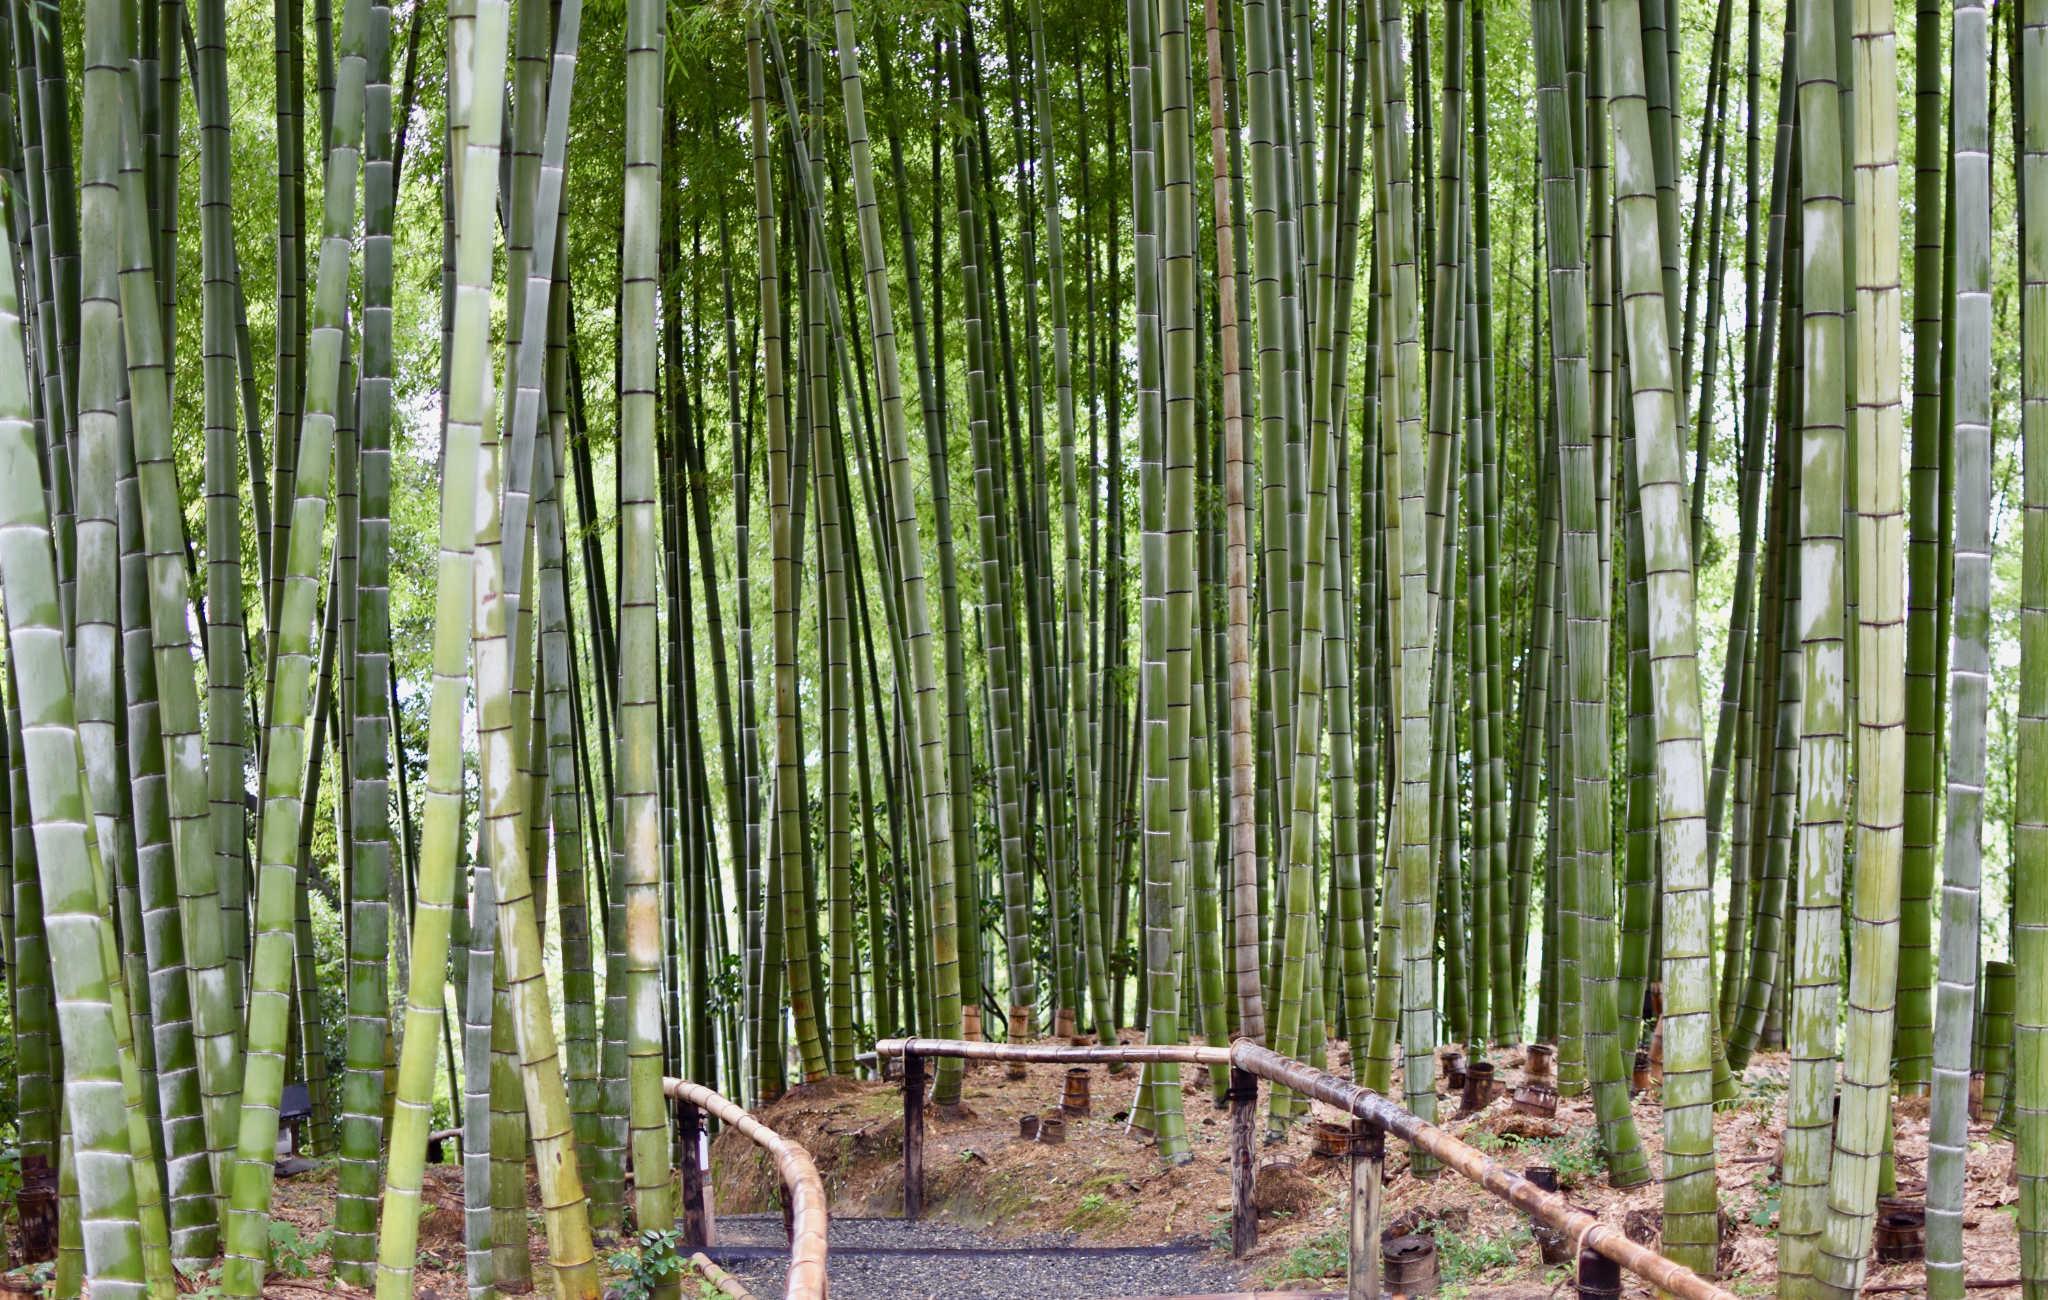 L'impressionnante forêt de bambous au bout de la visite